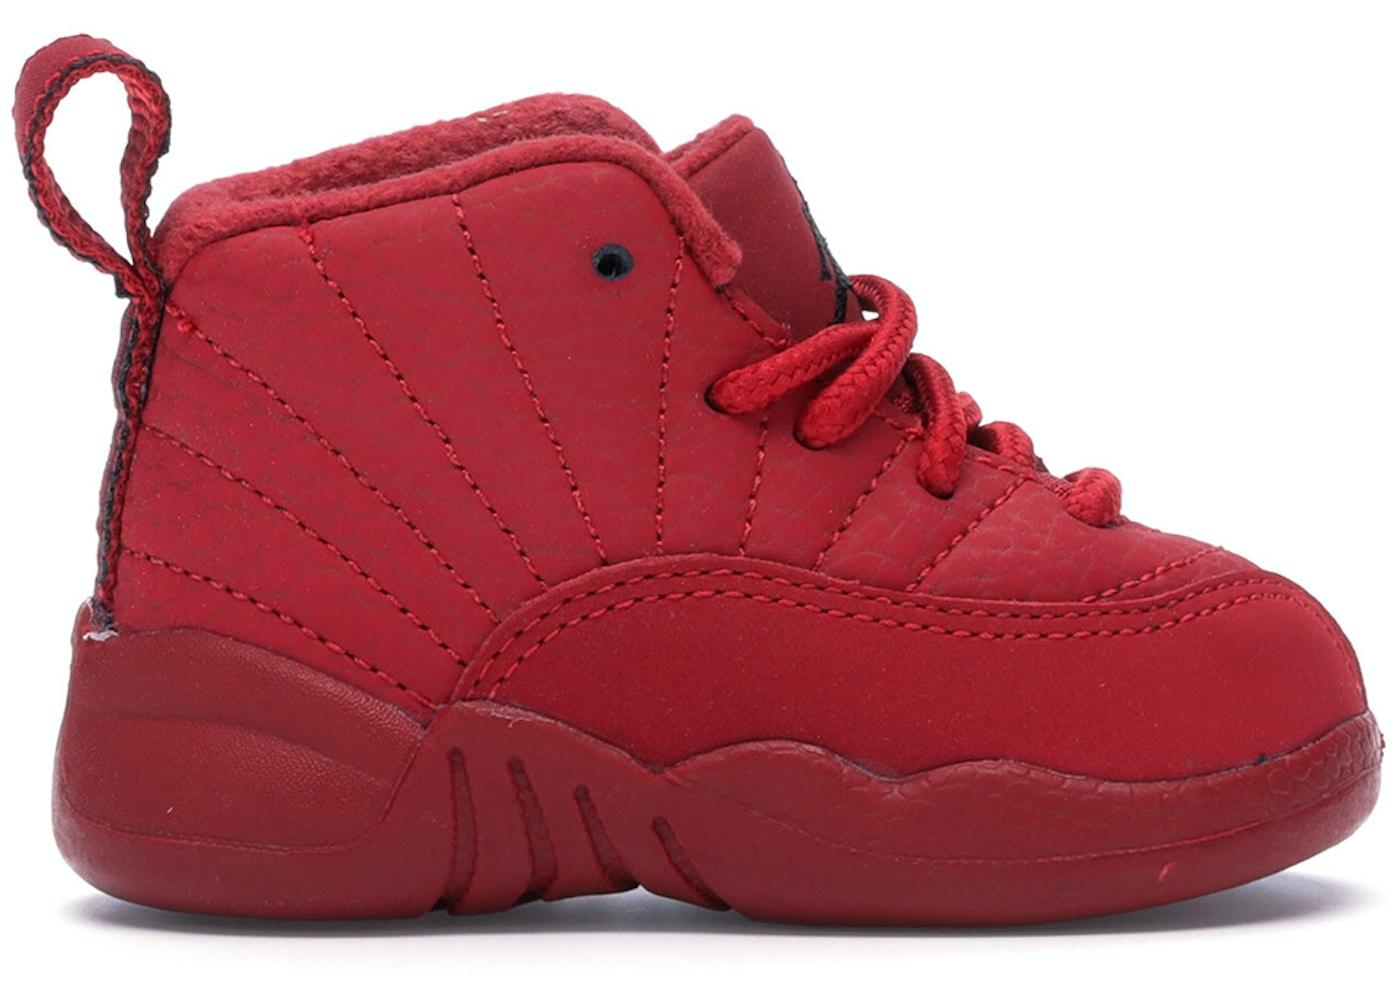 promo code e0573 6e193 Jordan 12 Retro Gym Red 2018 (TD)